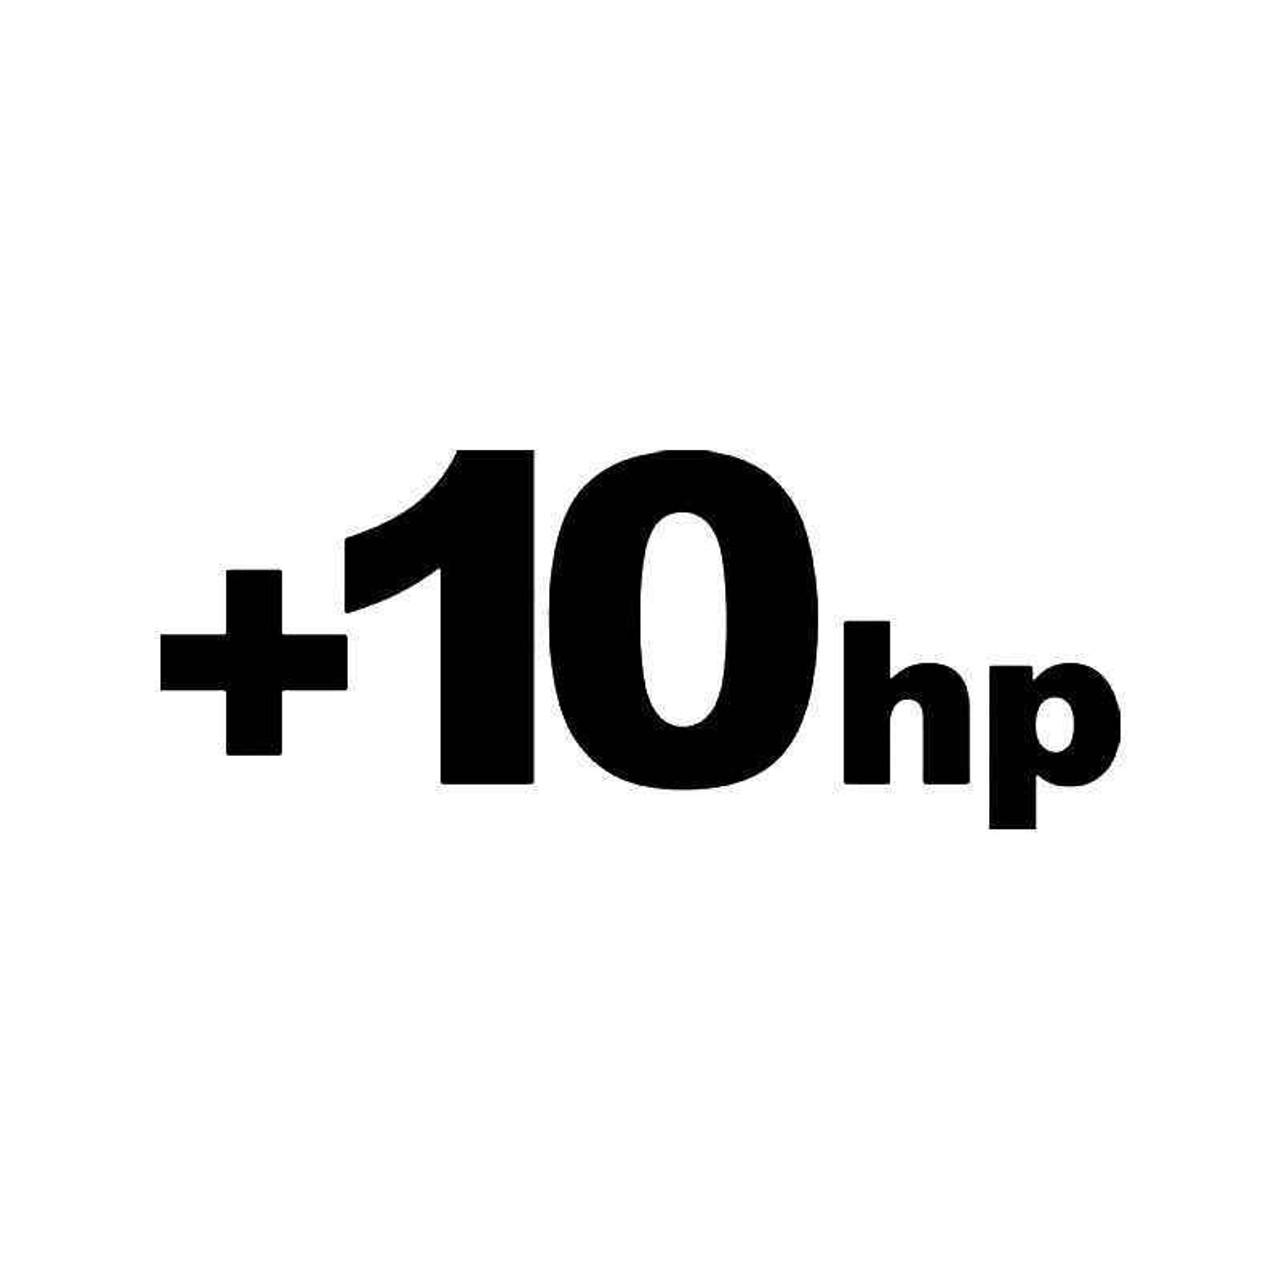 10hp Horsepower Jdm Japanese Vinyl Sticker